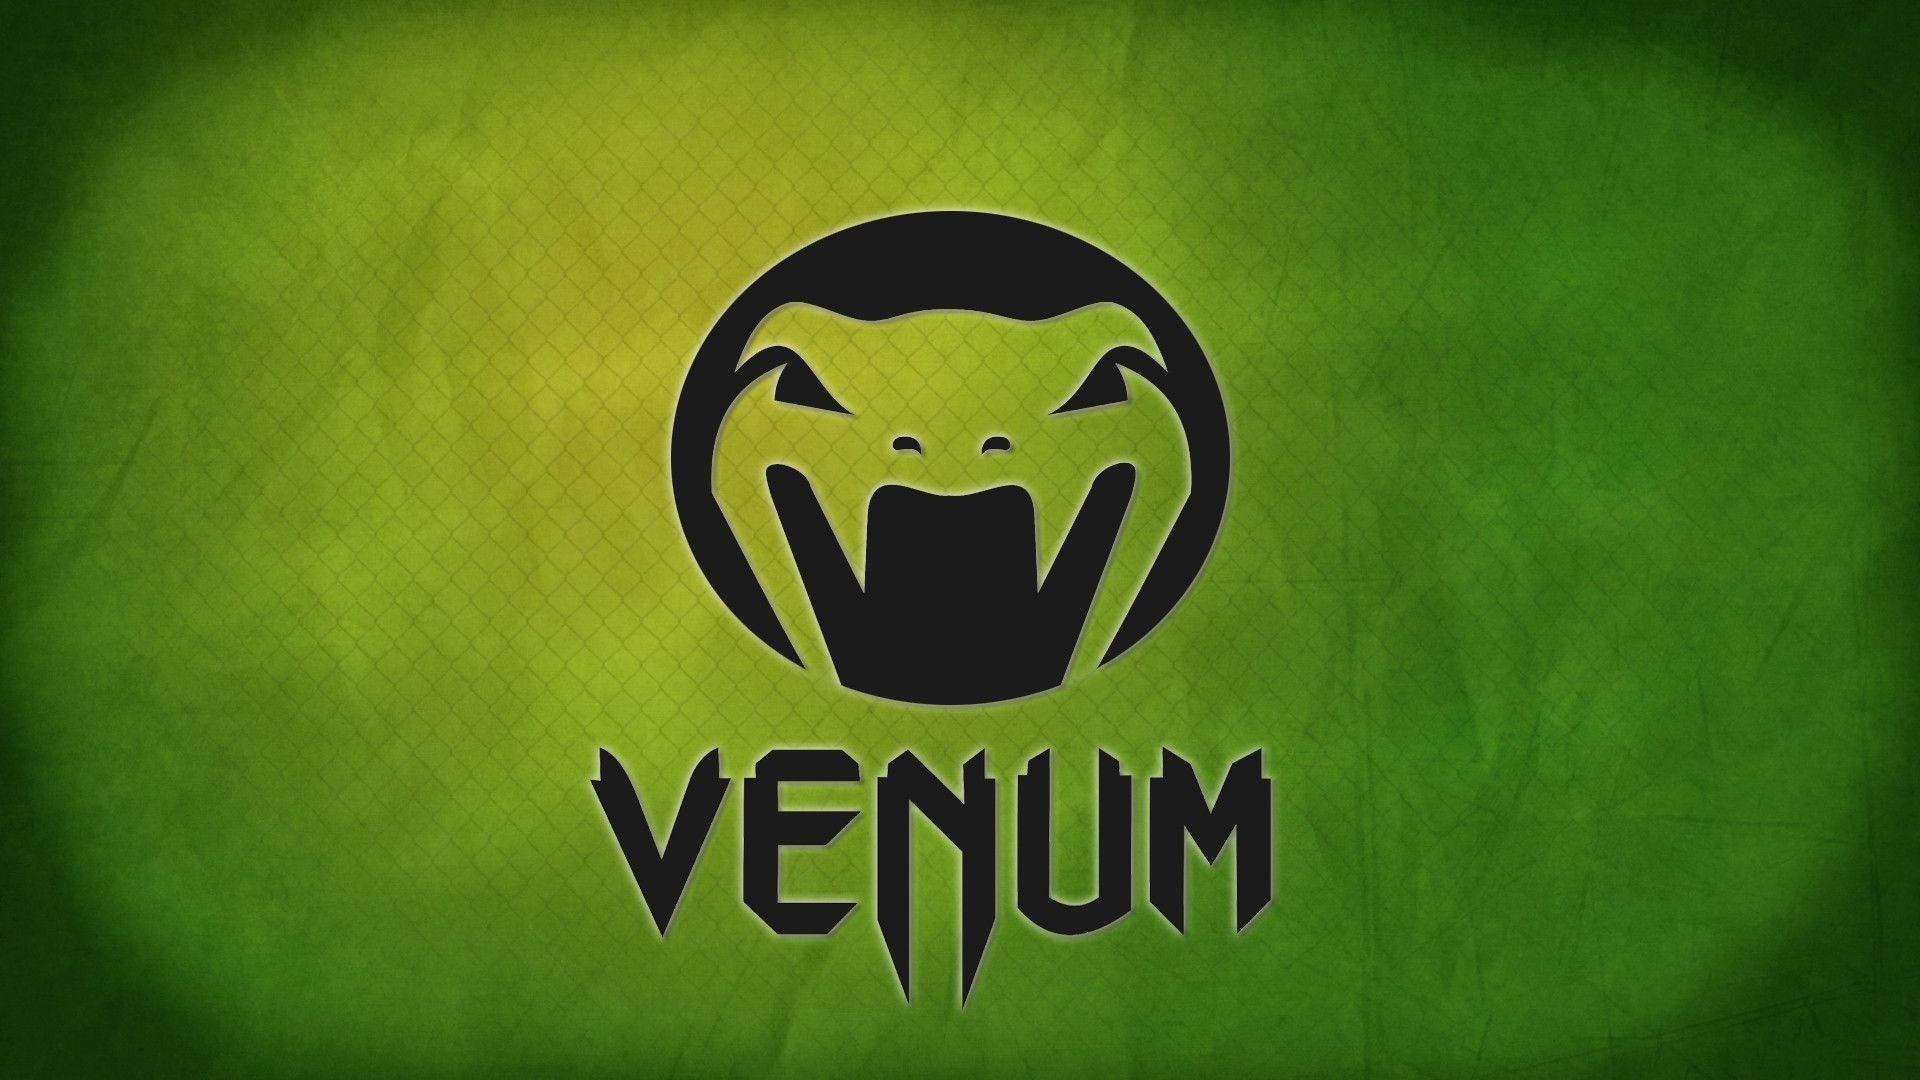 Venum Wallpaper Mma ①